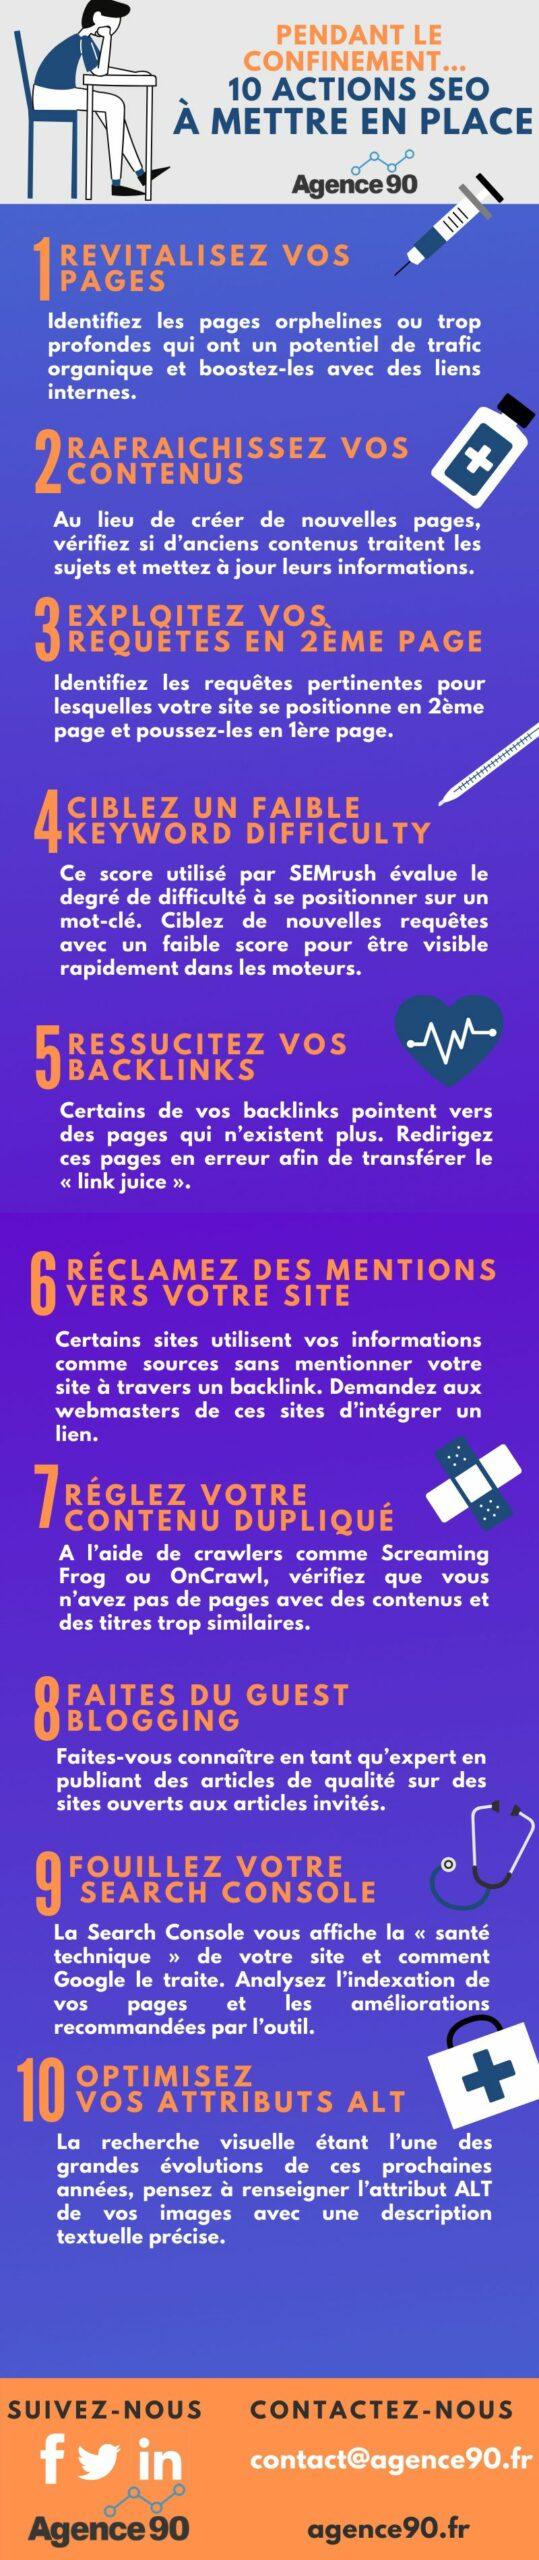 Infographie : 10 actions SEO à mettre en place sur votre site pendant le confinement